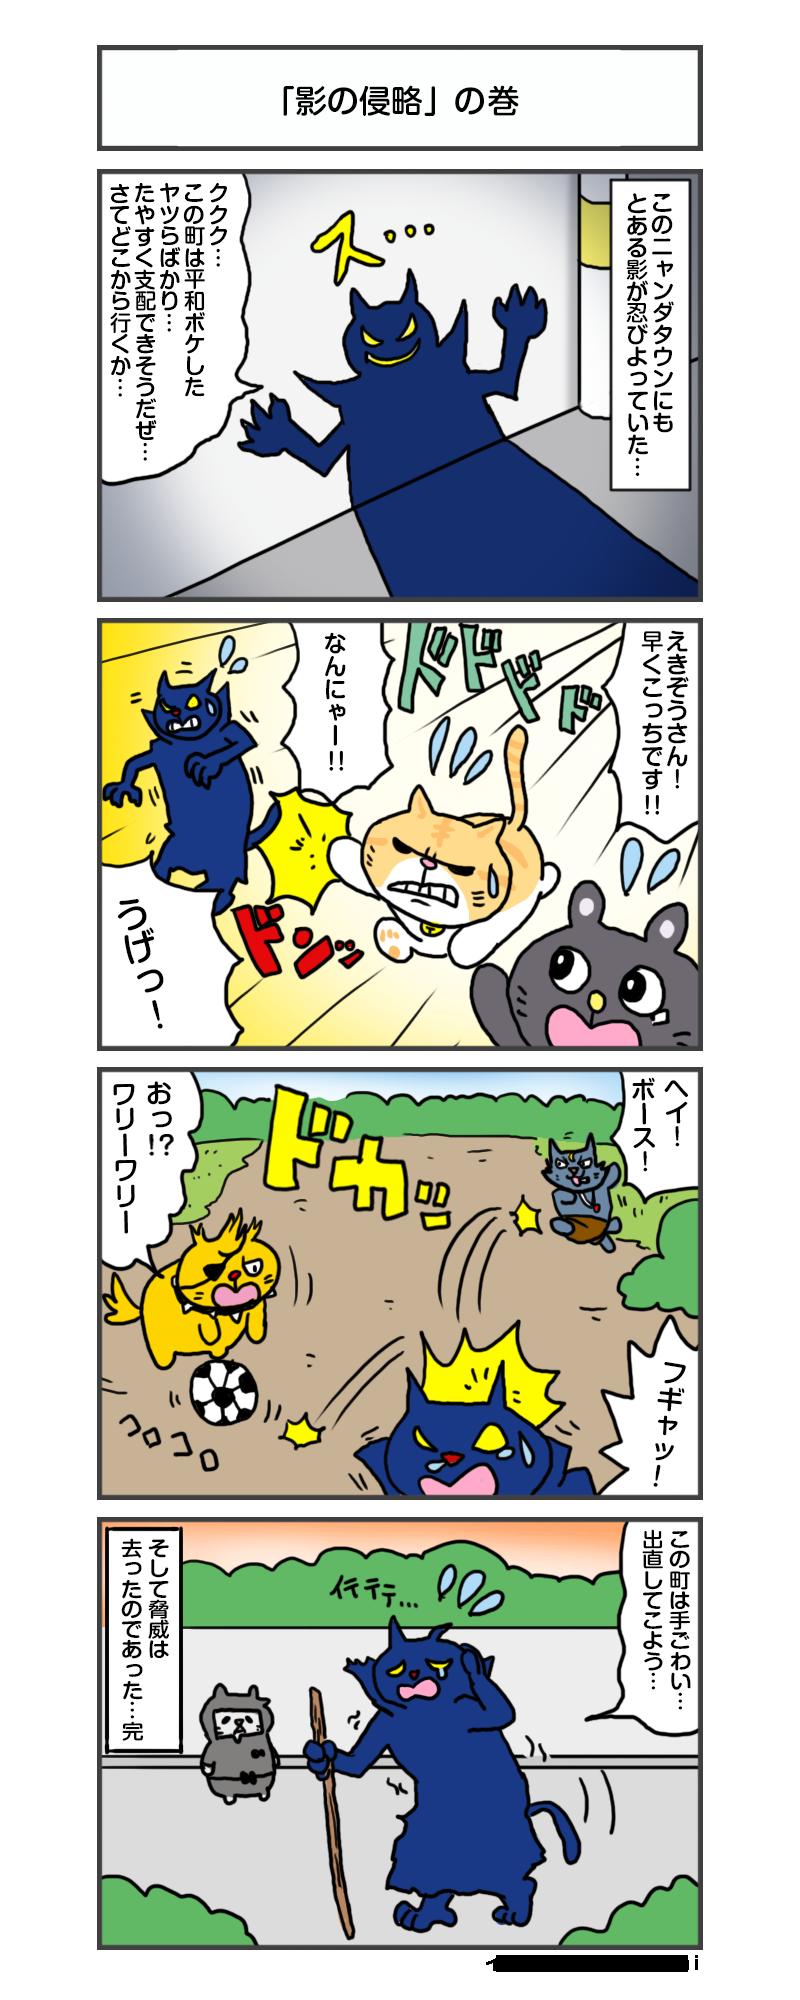 縺医″縺昴y縺・anga_vol.211